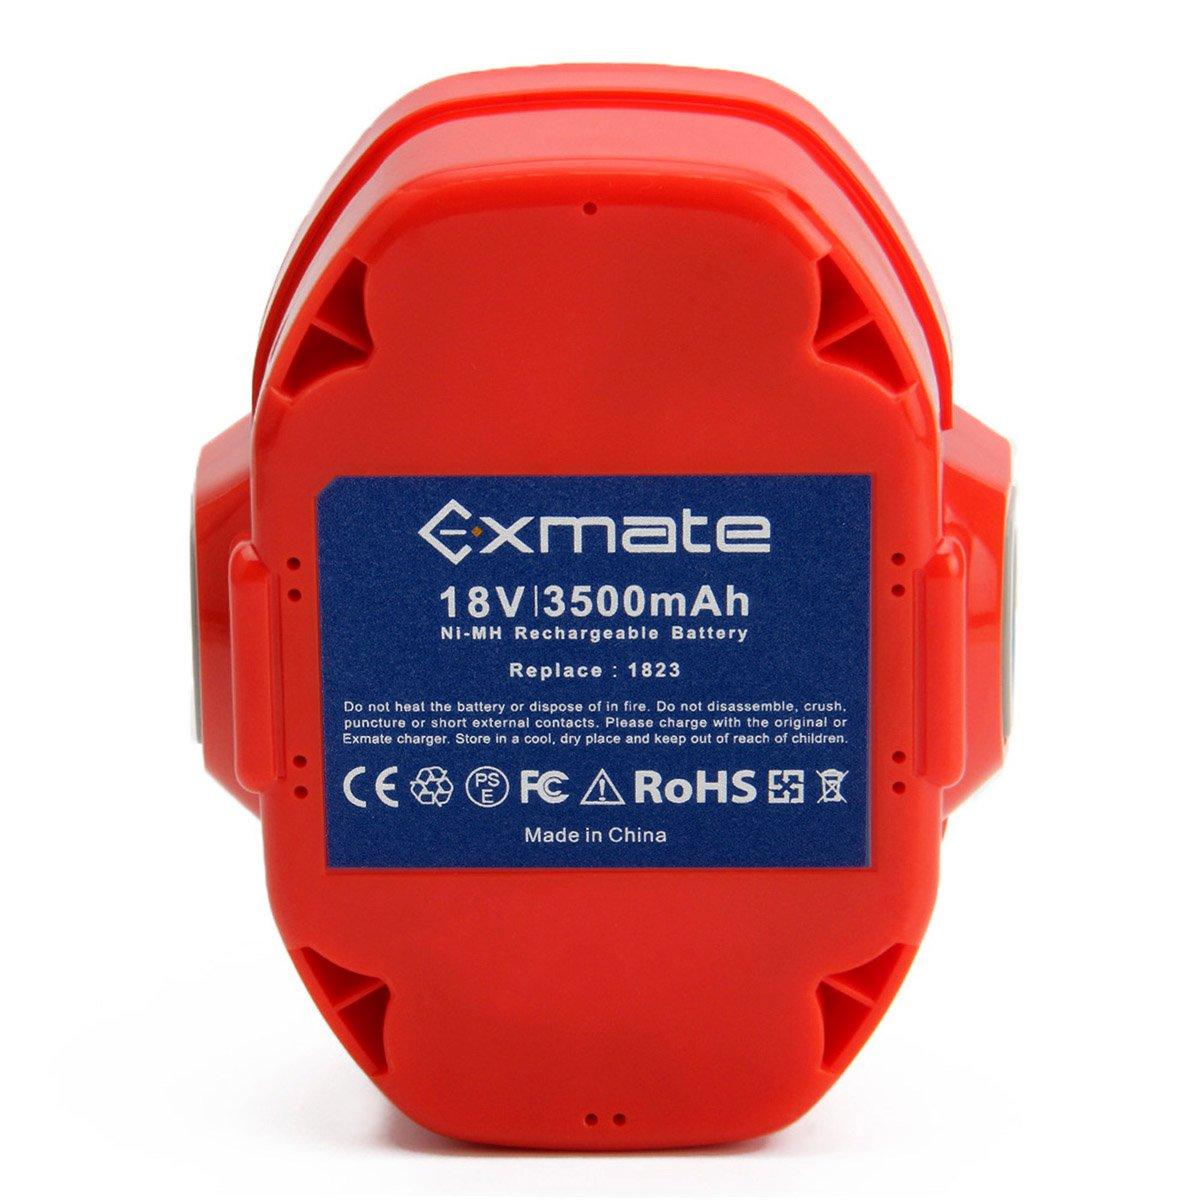 Exmate 12V 3,5Ah Bater/ía para Makita PA12 1220 1222 1233 1200 1234 1235 1235B 1235F 1235A 192696-2 192698-8 192598-2 192681-5 192698-A 193138-9 193157-5